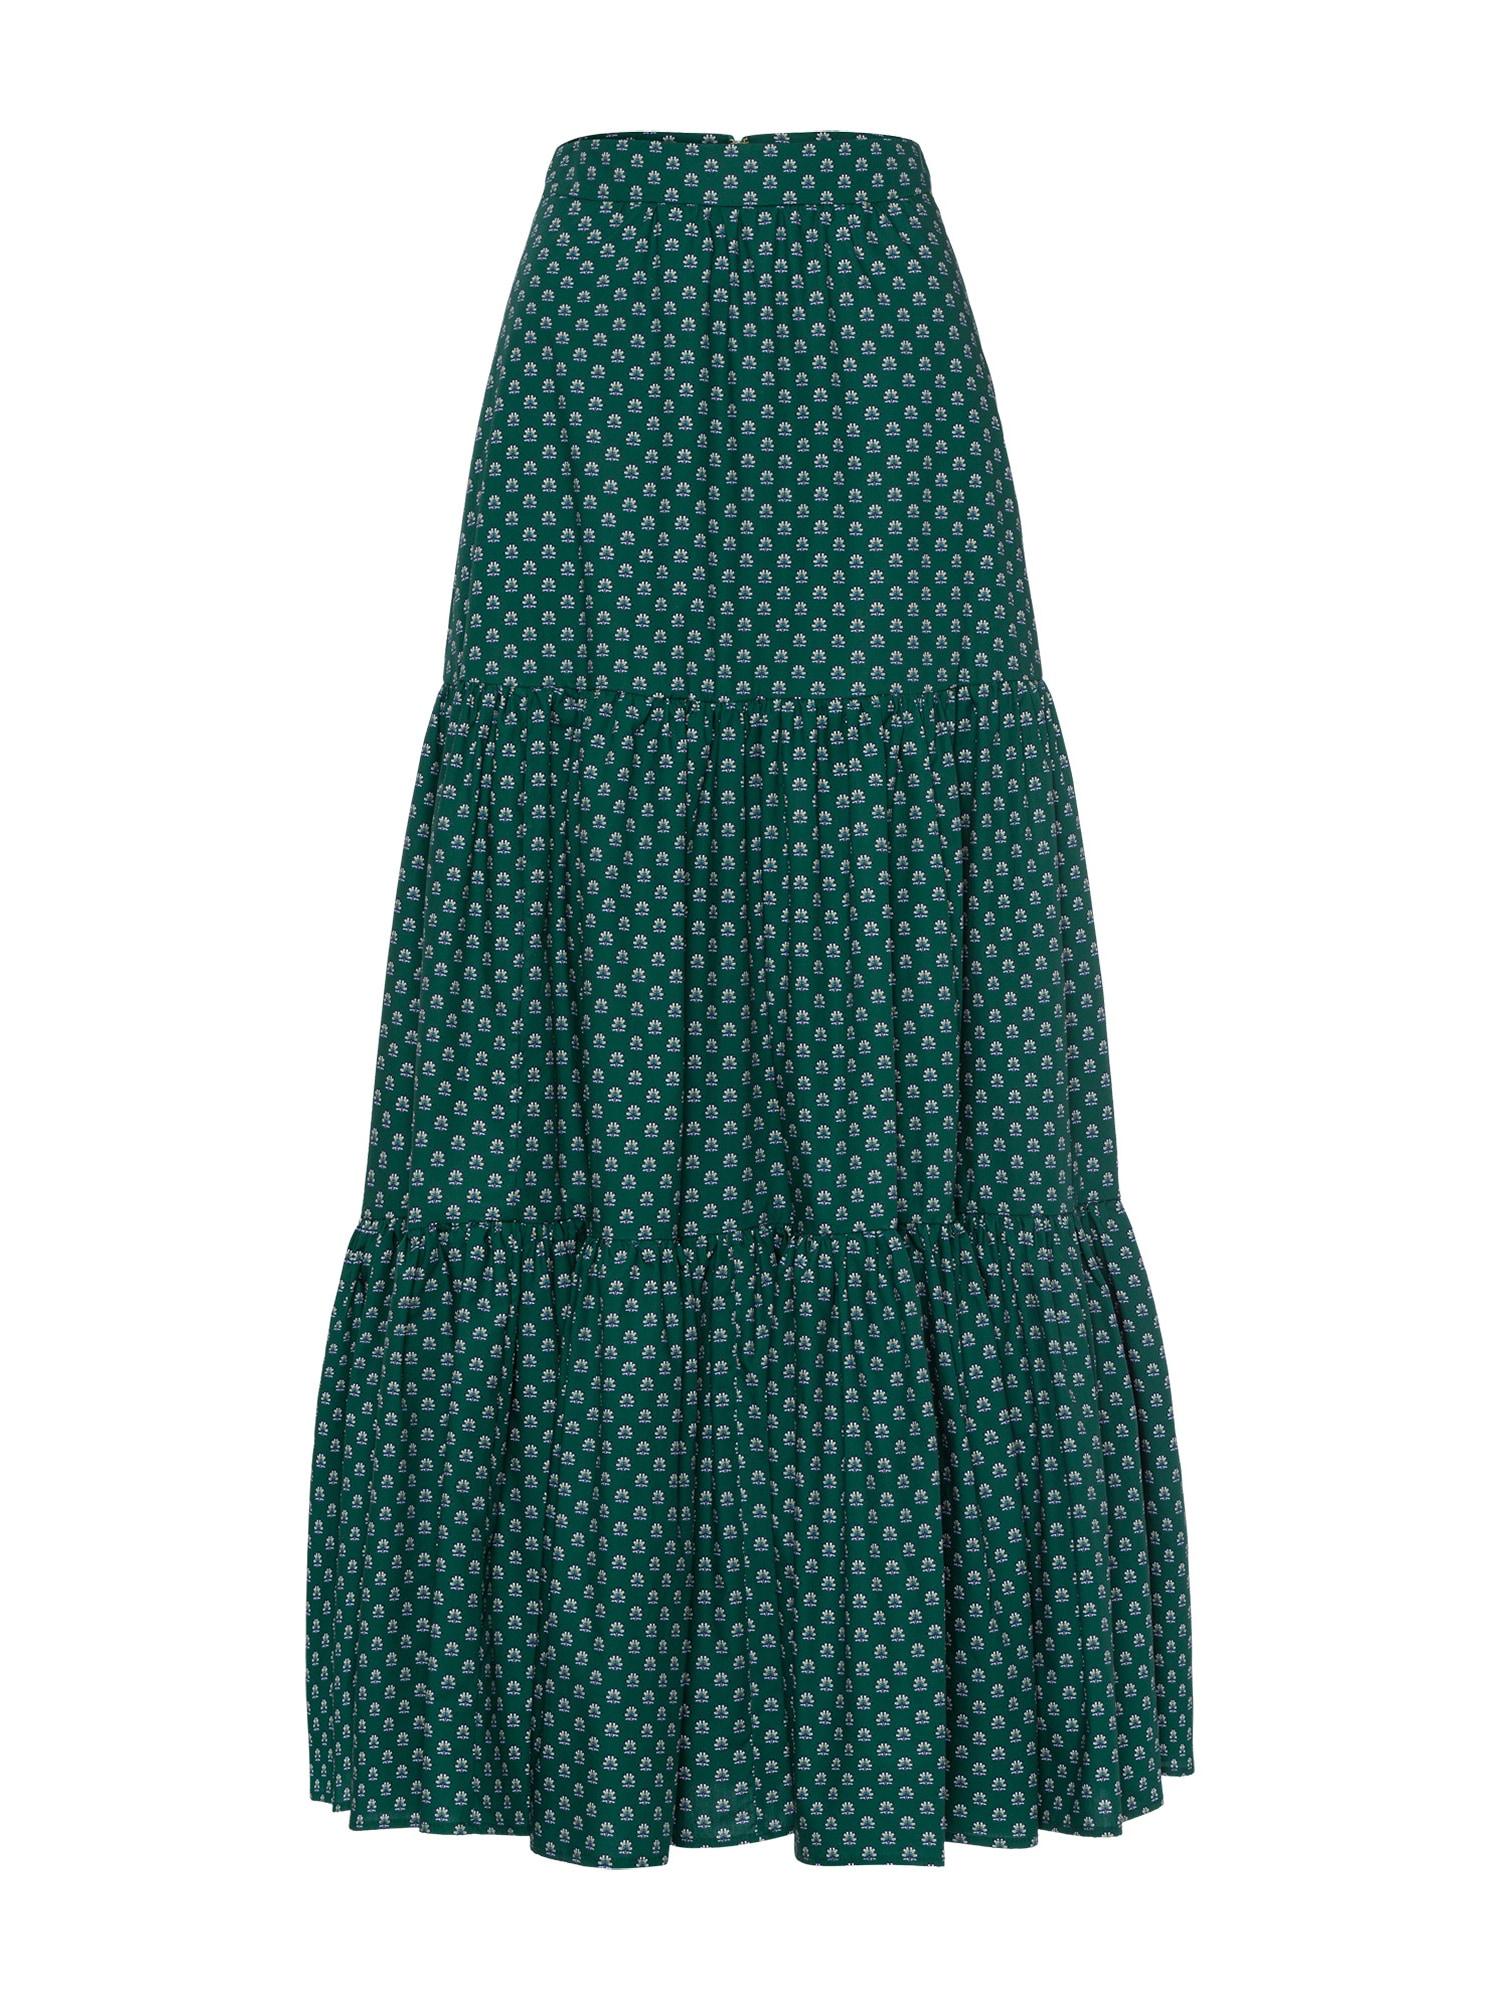 Sukně Liberty London smaragdová bílá IVY & OAK